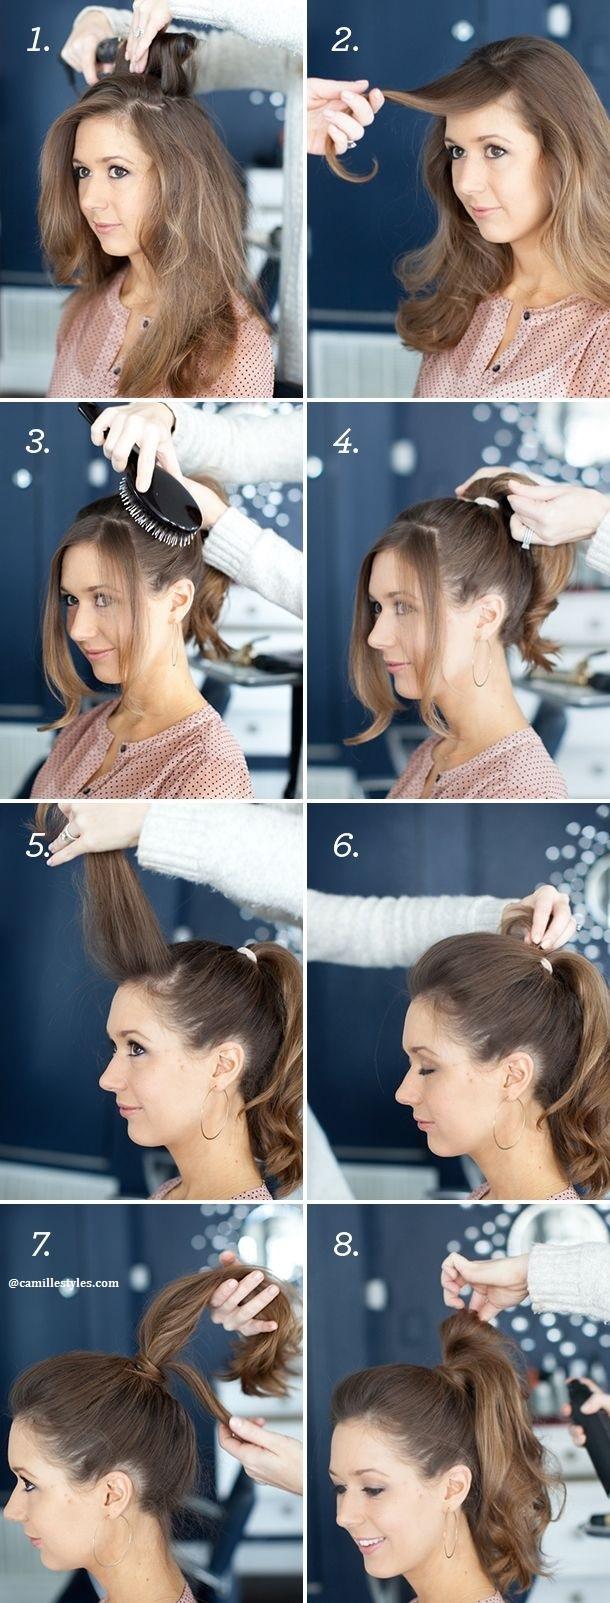 modèle-de-coiffure-pour-aller-au-travail-5